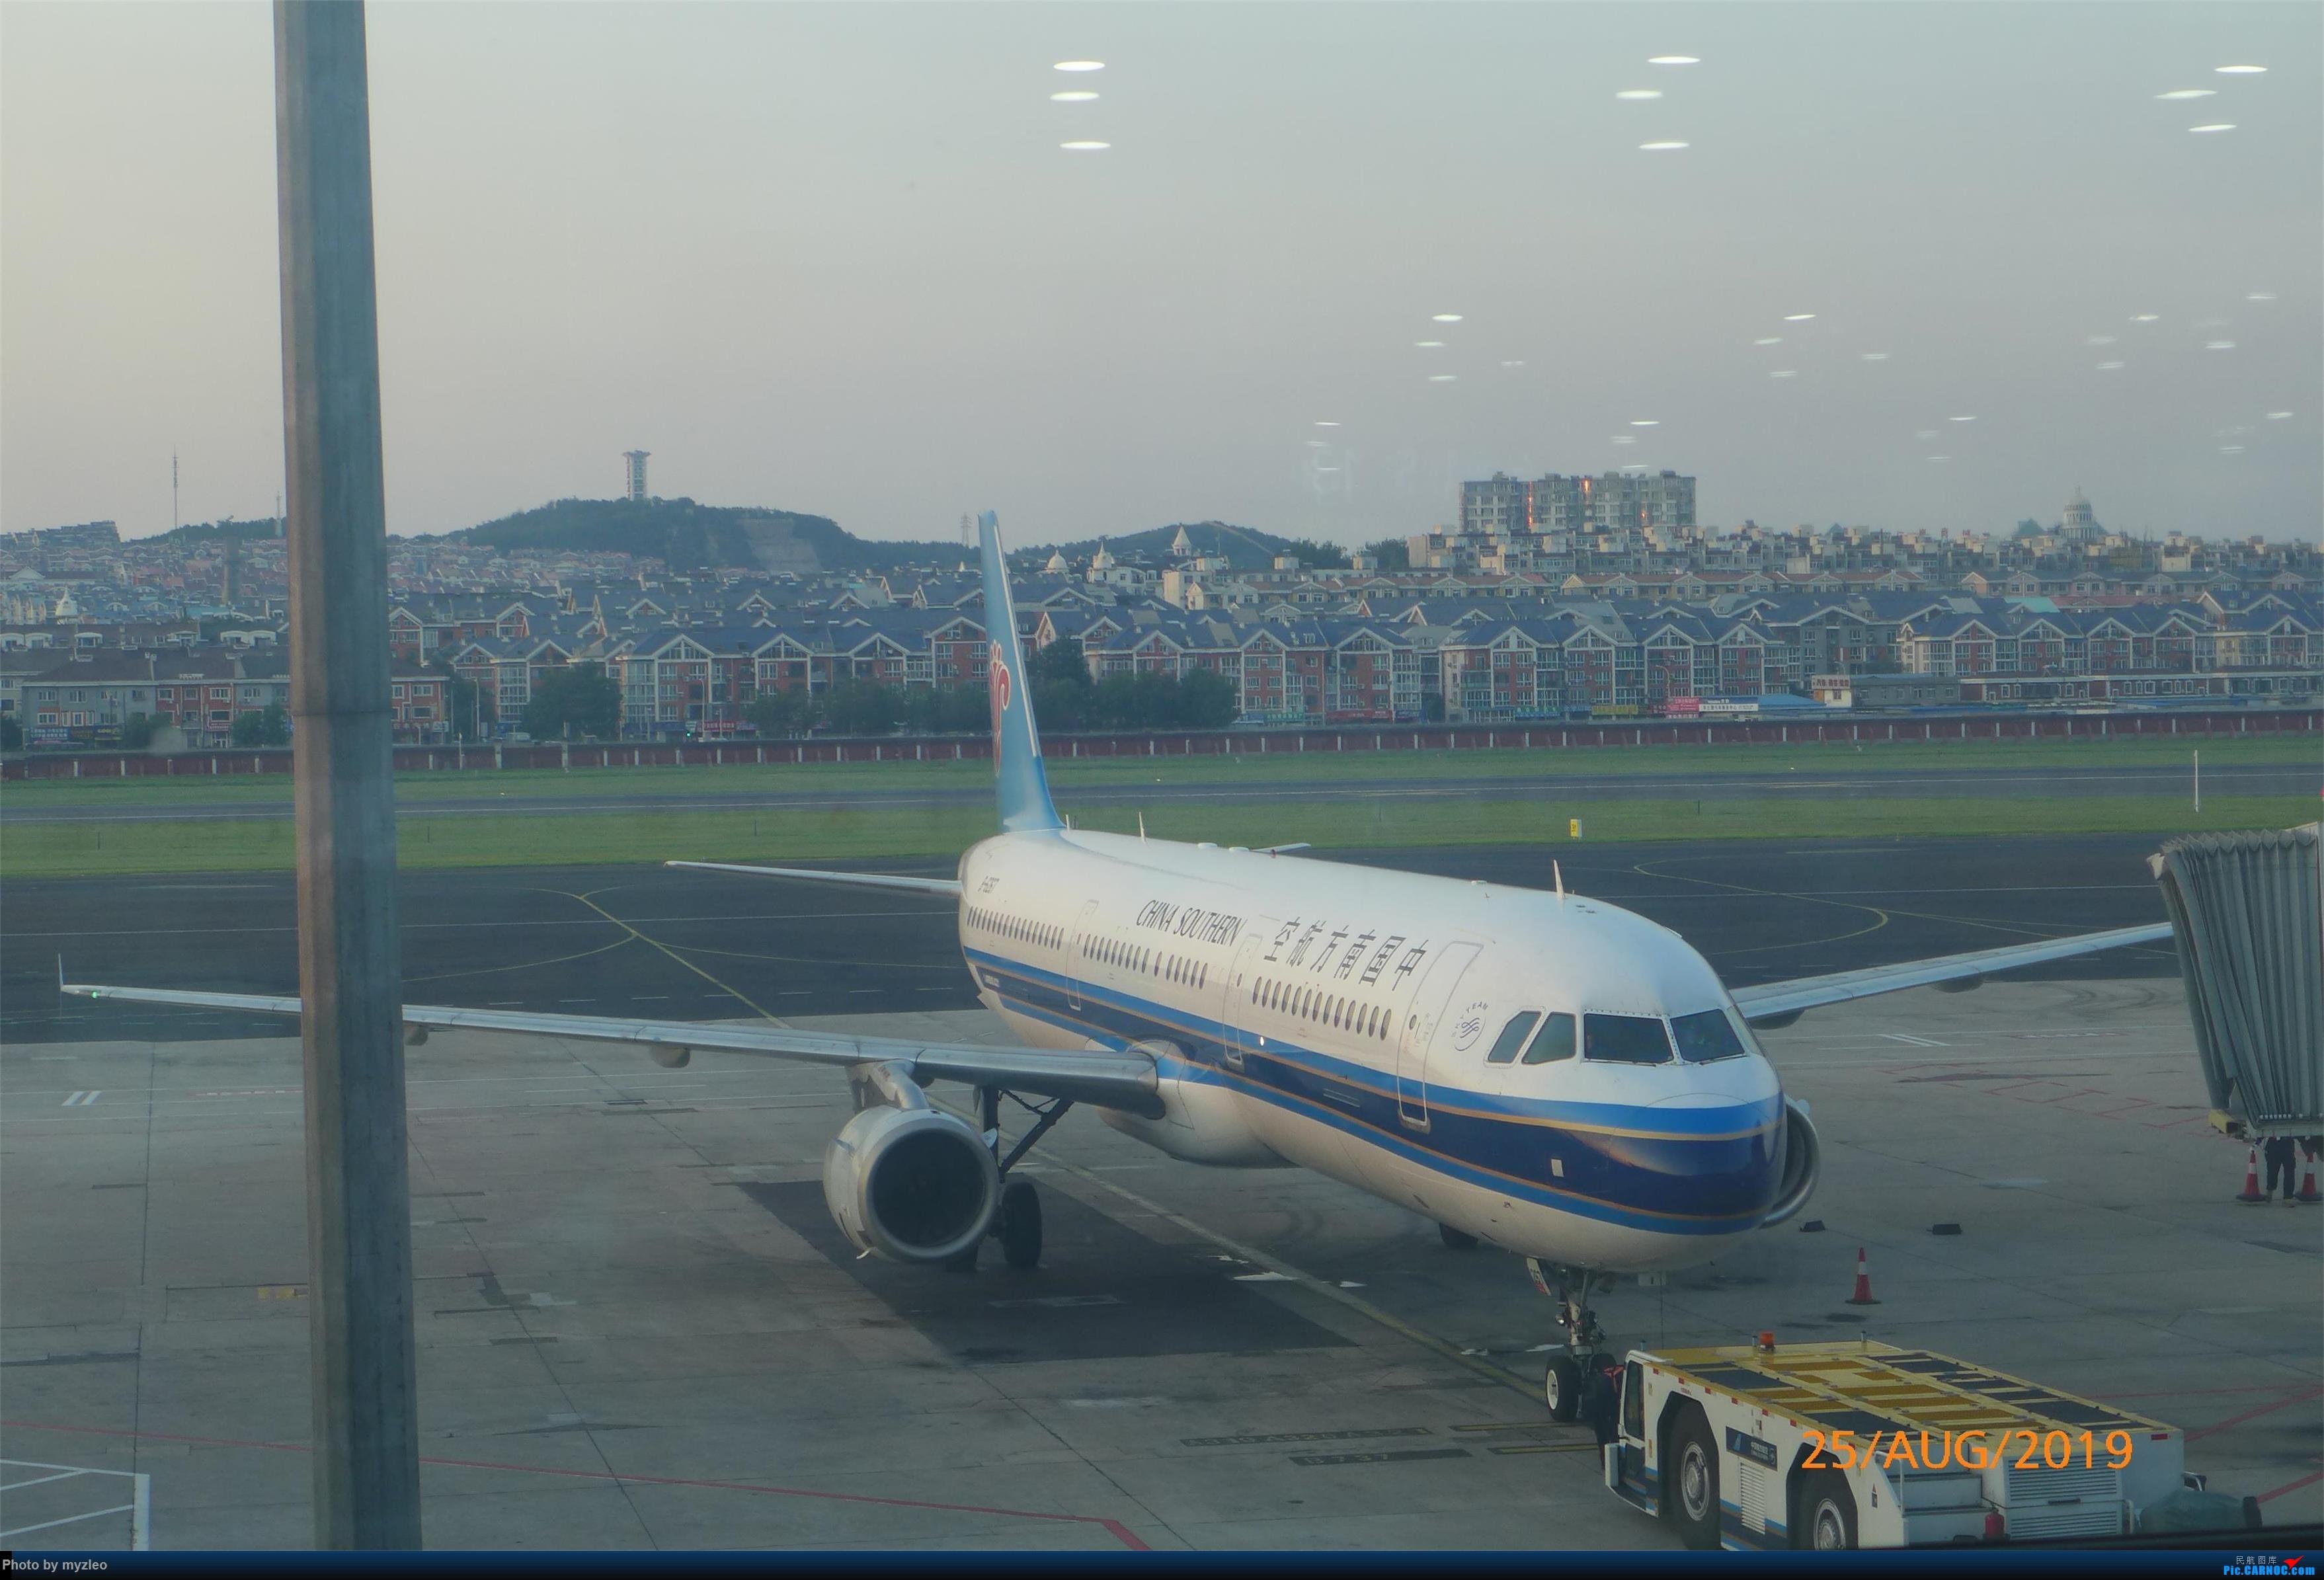 Re:[原创]【myzleo的游记5.3】在大连各景点穿梭不停,坐东航319返回上海 AIRBUS A321-200  中国大连国际机场